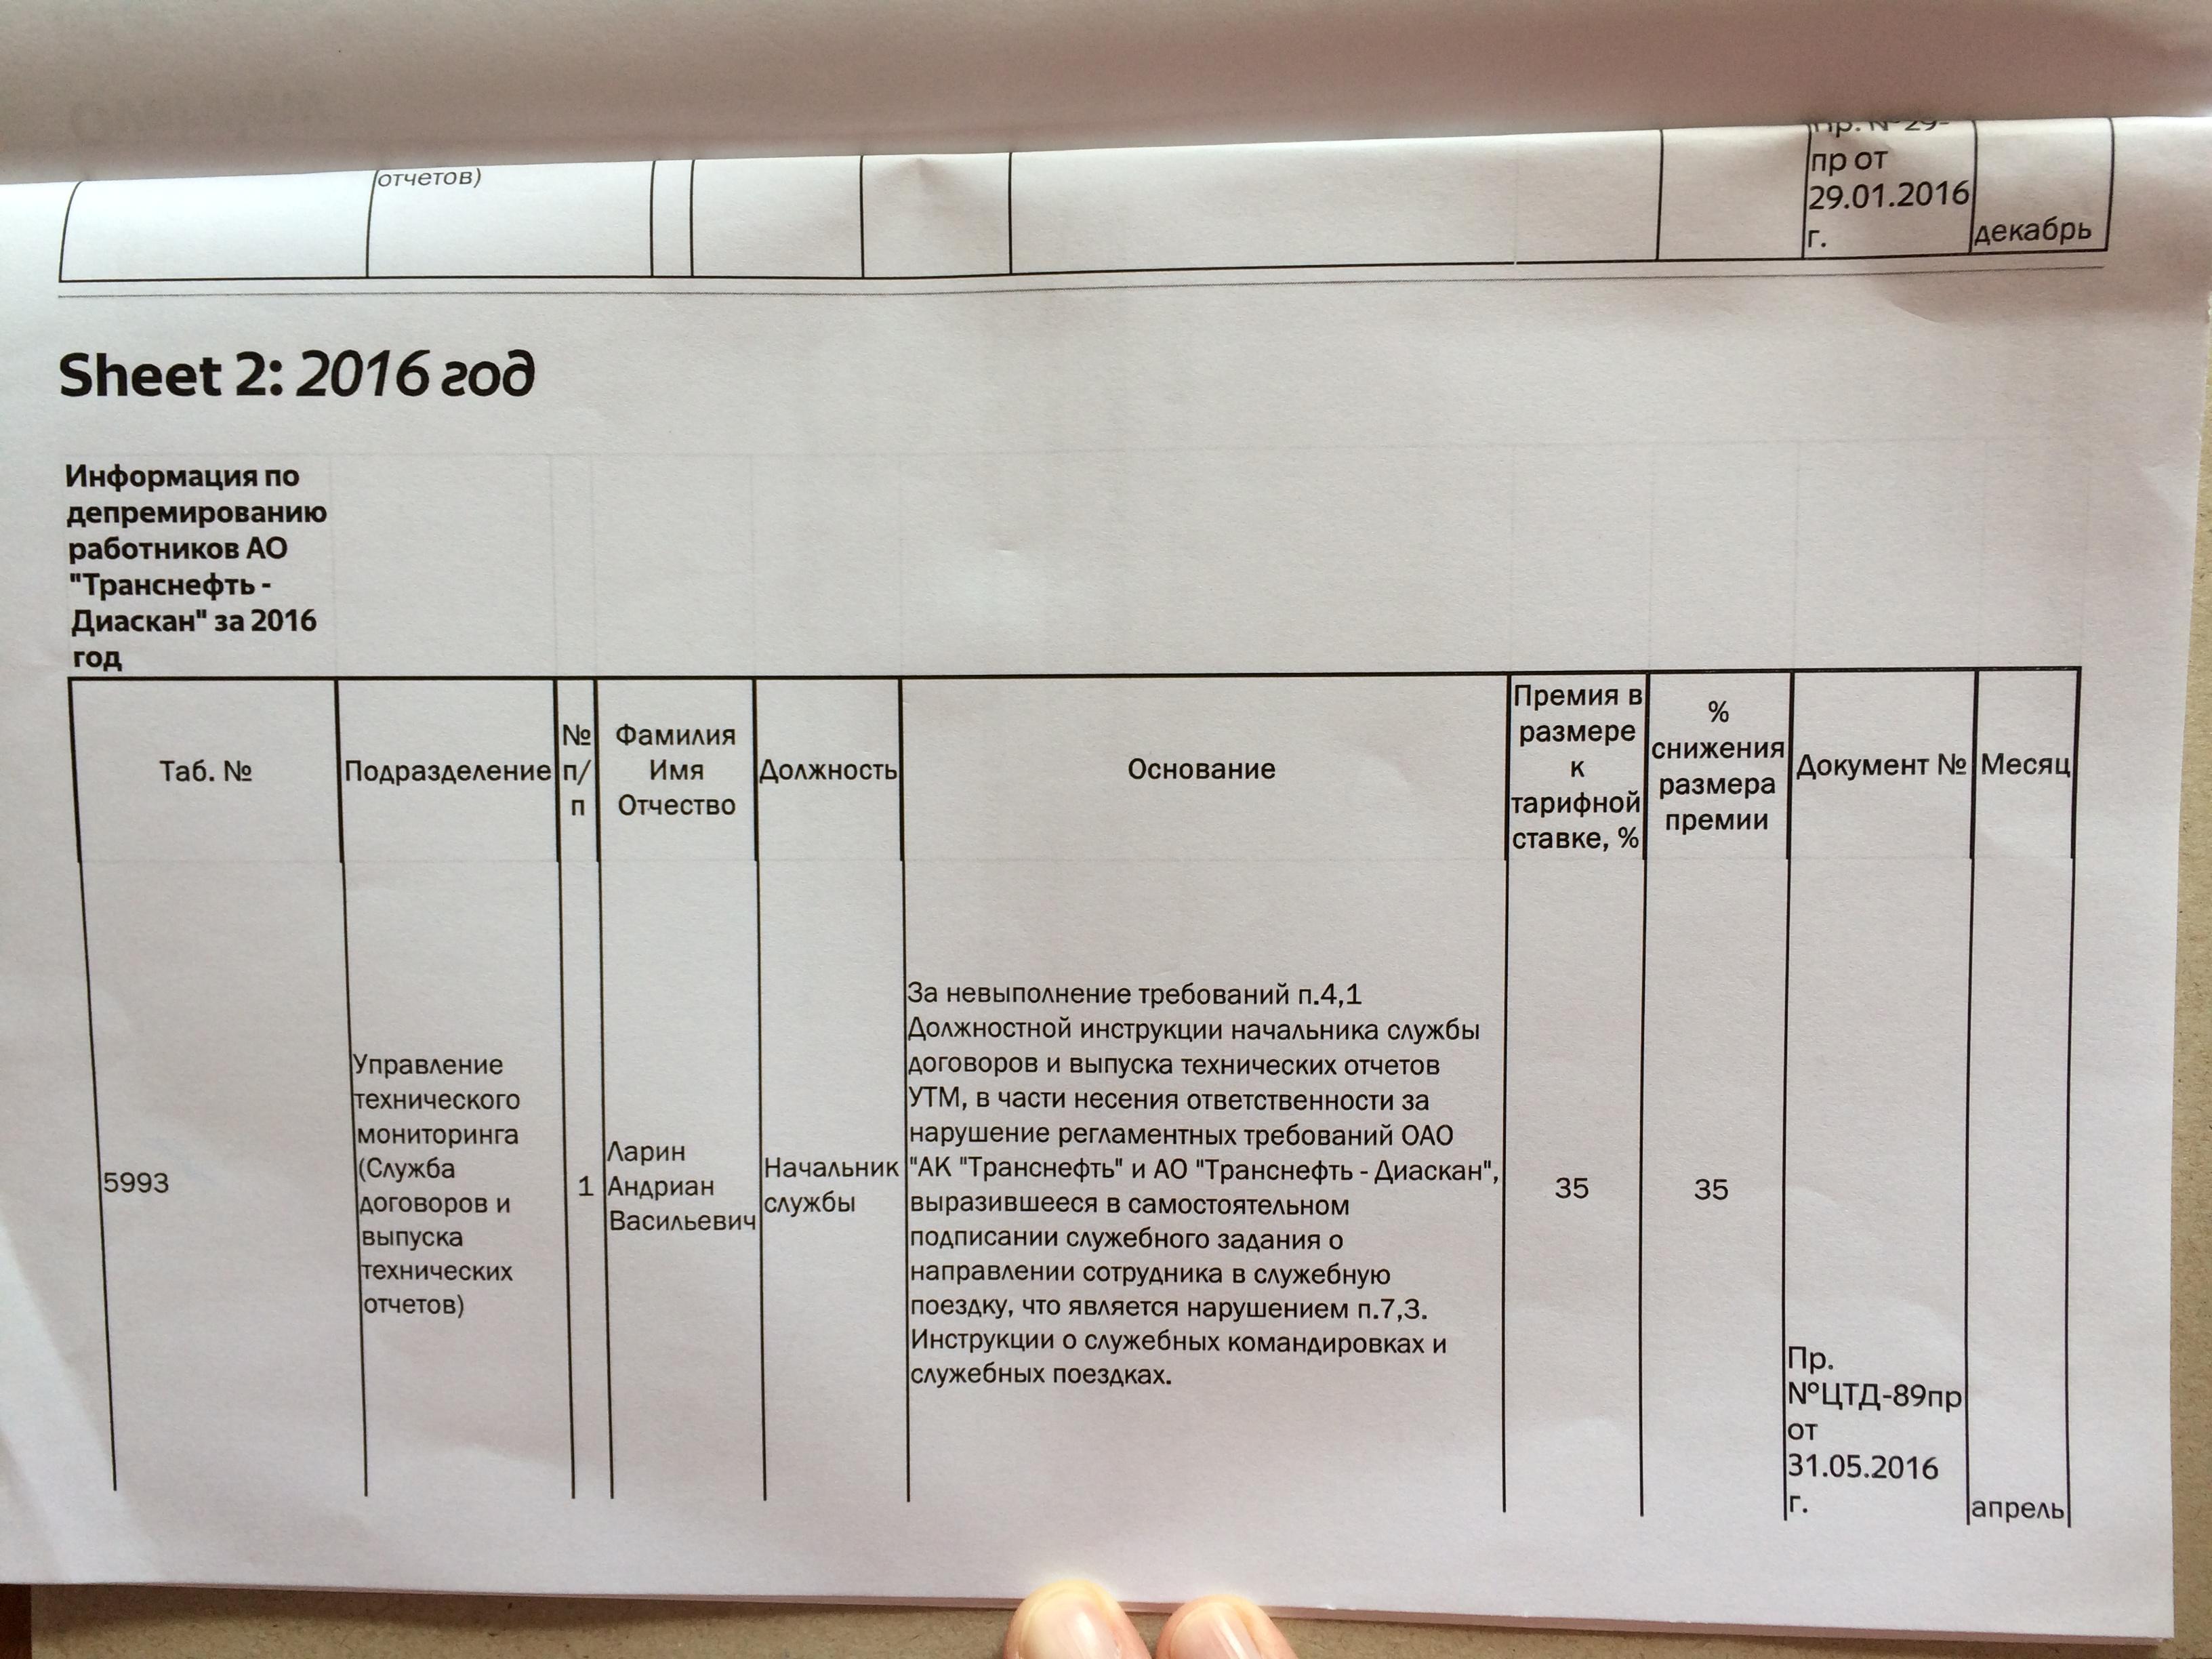 Фото документов проверки Луховицкой городской прокуратурой - 58 (5)